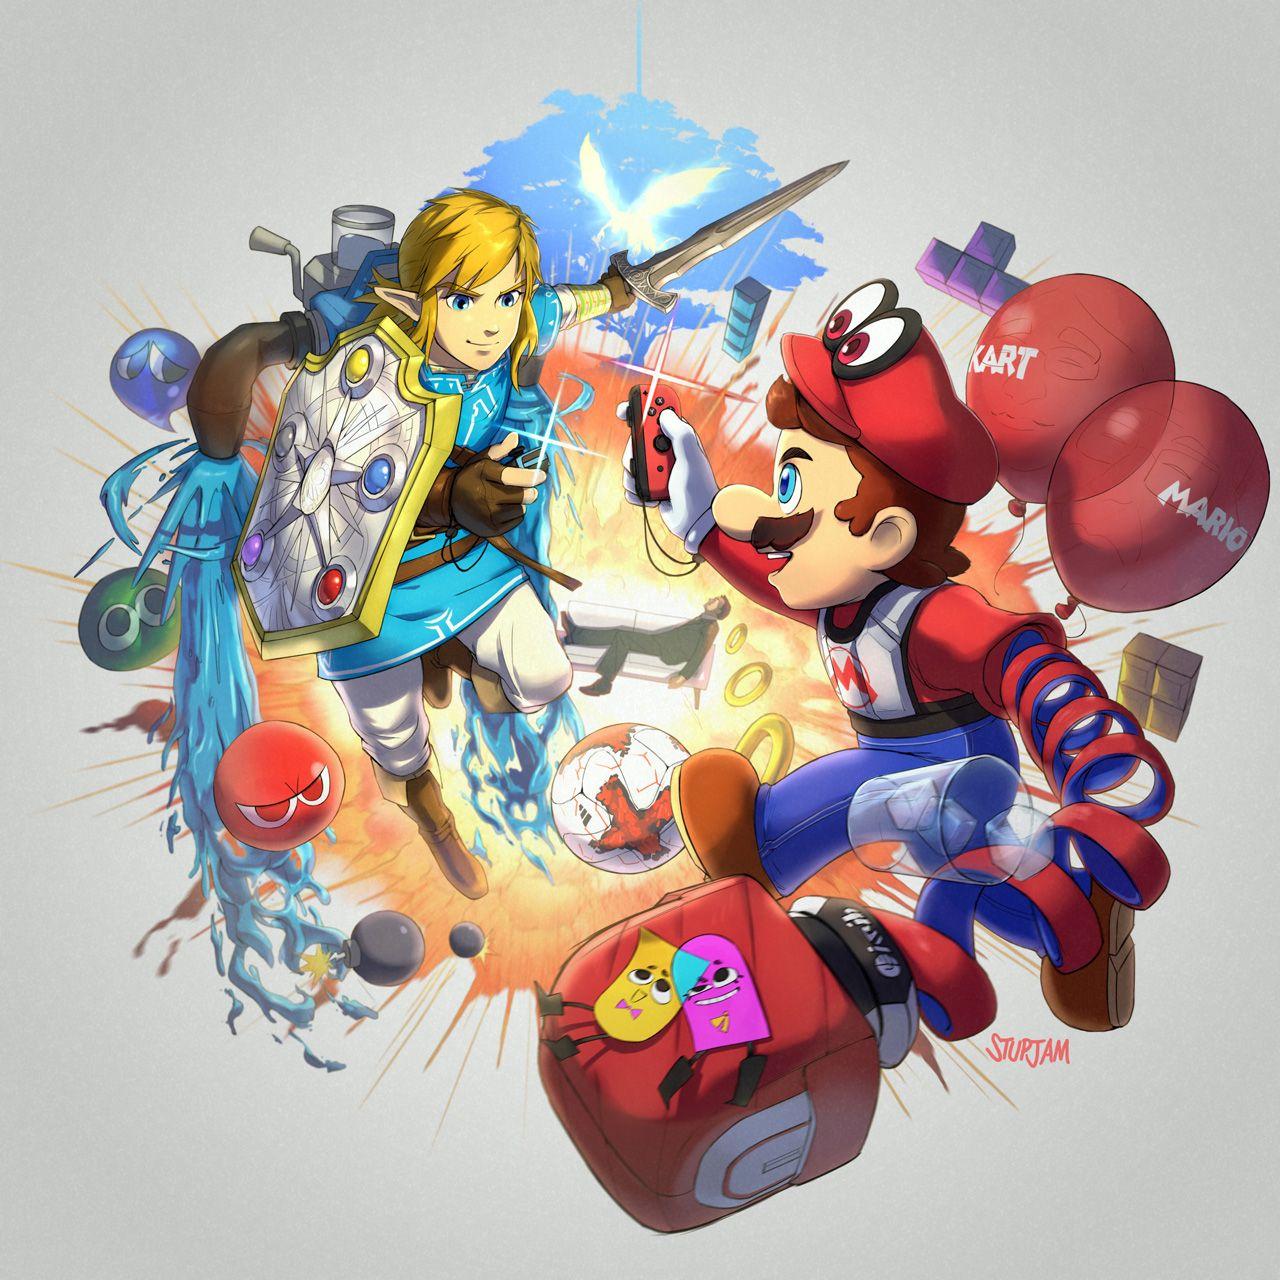 Nintendo Switch Direct by stupjam